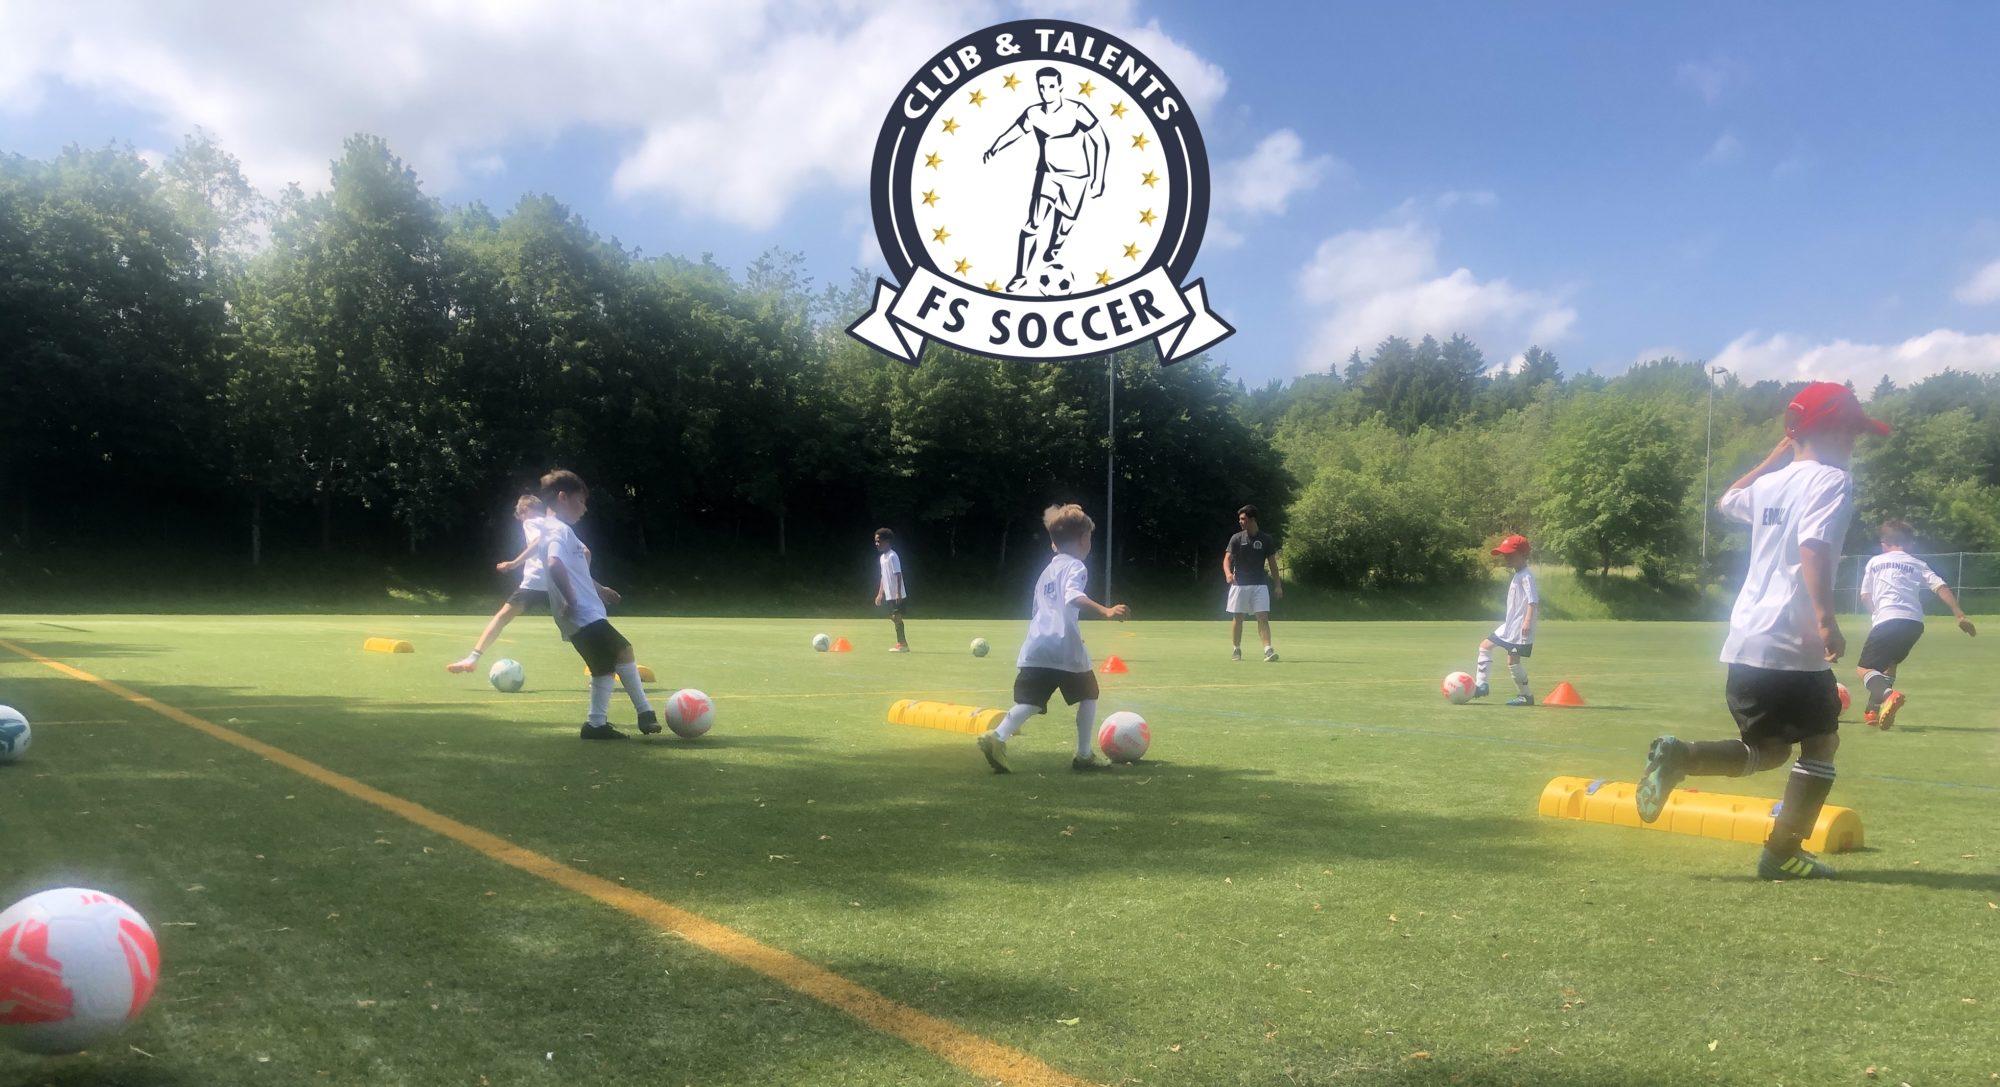 FS Soccer Fußballschule